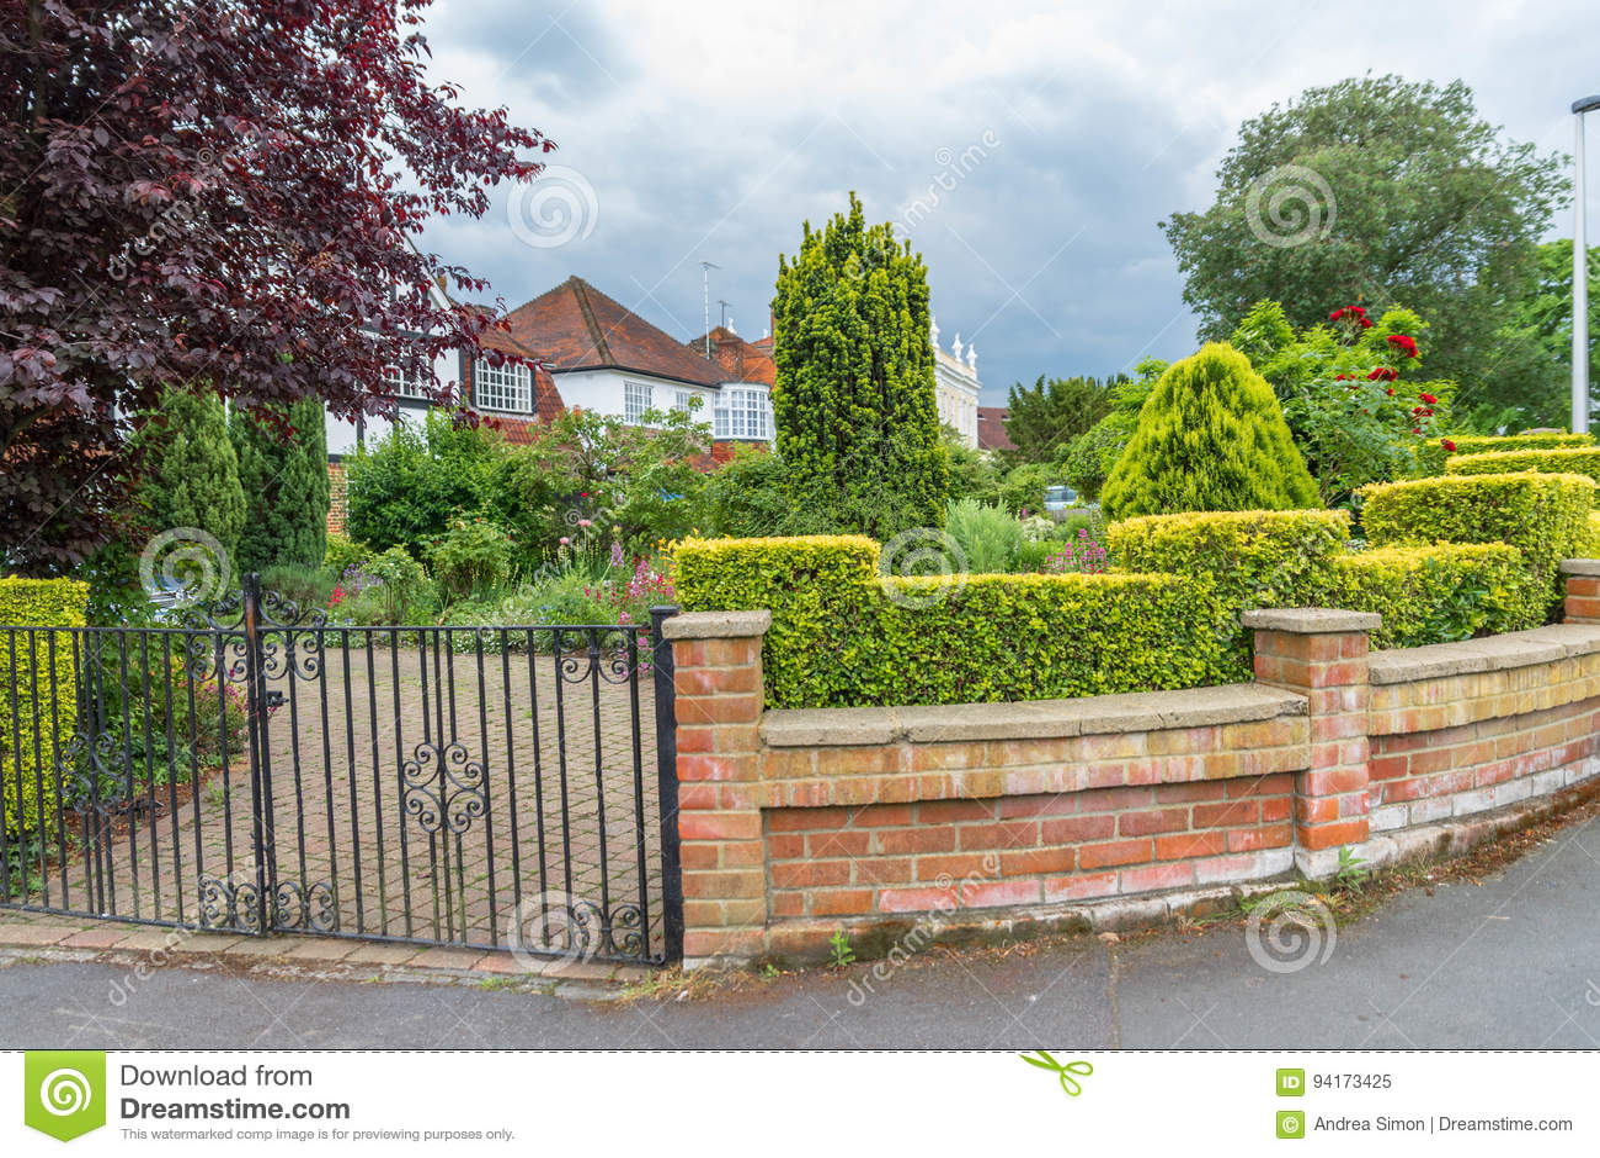 Maison anglaise typique avec un jardin photo stock image 94173425 - Maison anglaise typique ...